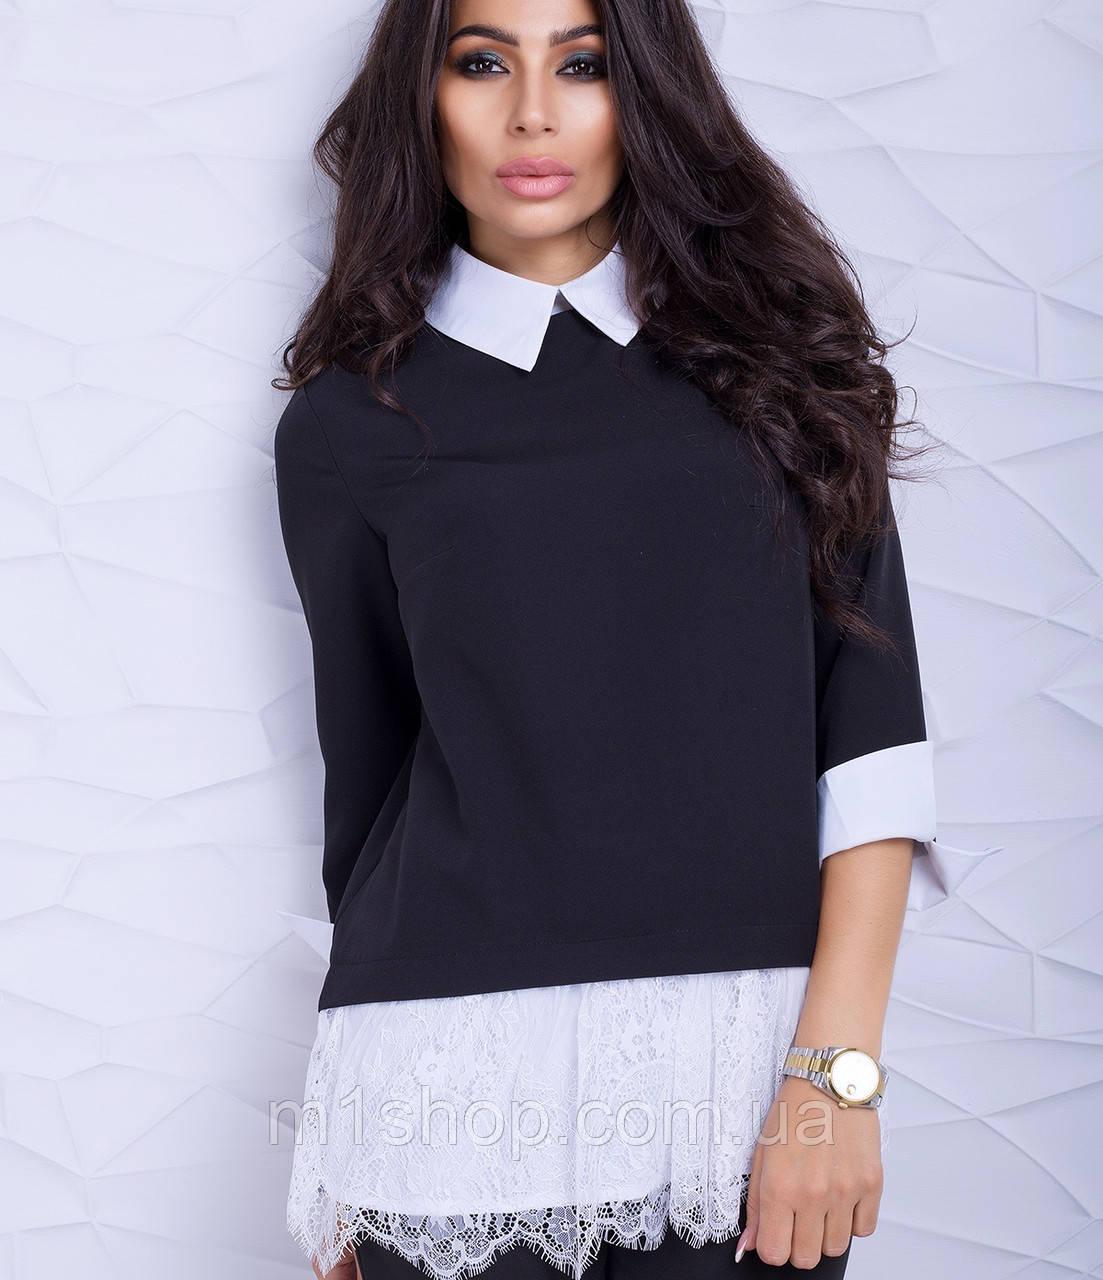 Женская блузка-туника с кружевом (Ителия lzn)